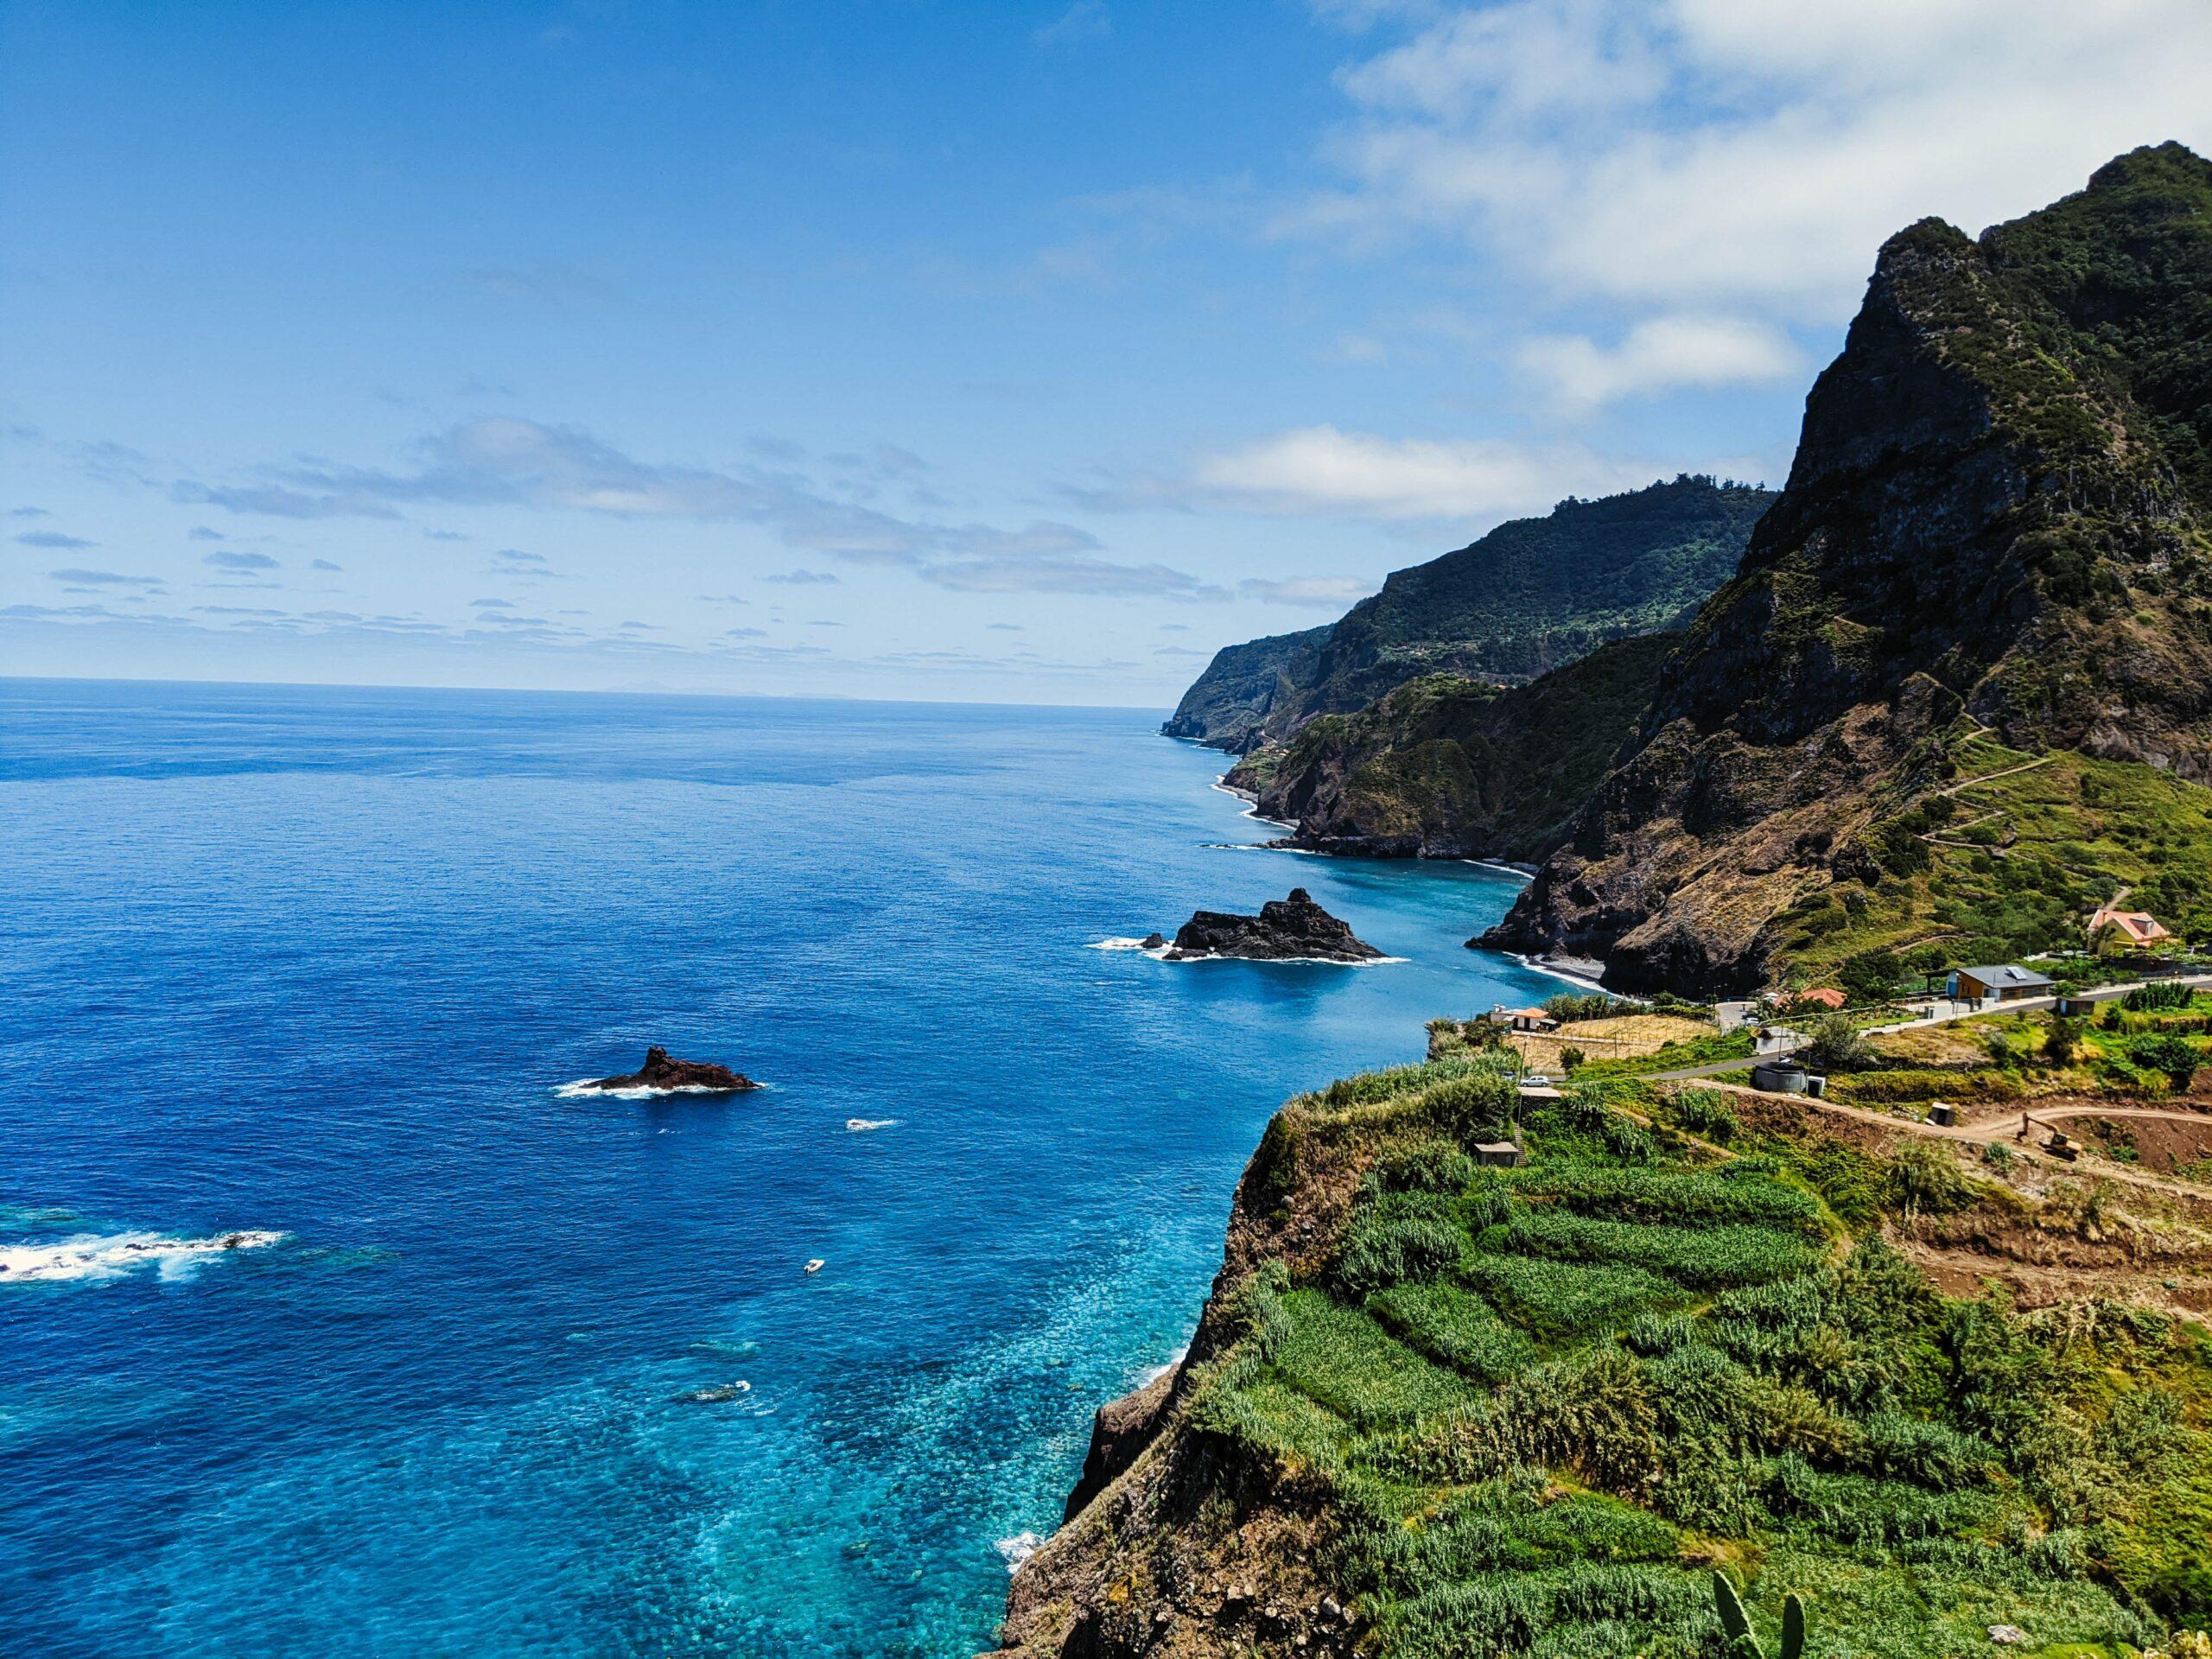 Motivos para ir à Madeira